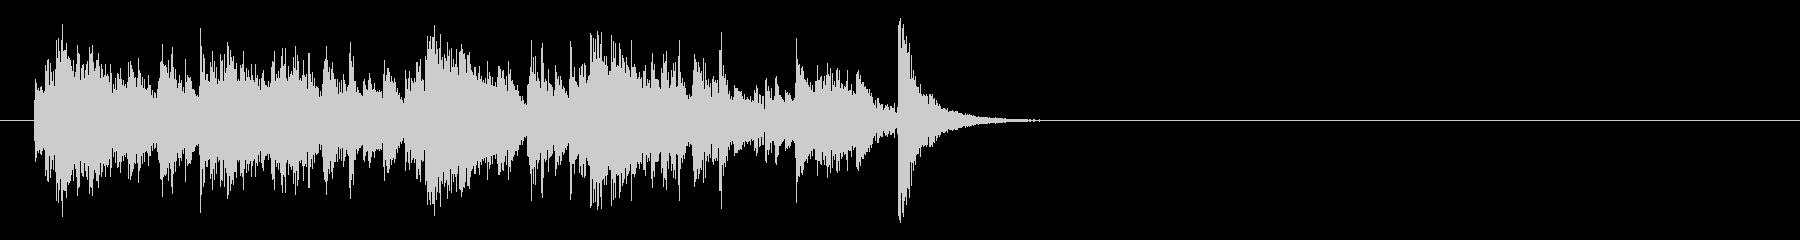 着信音などに使える不思議な感じのジングルの未再生の波形